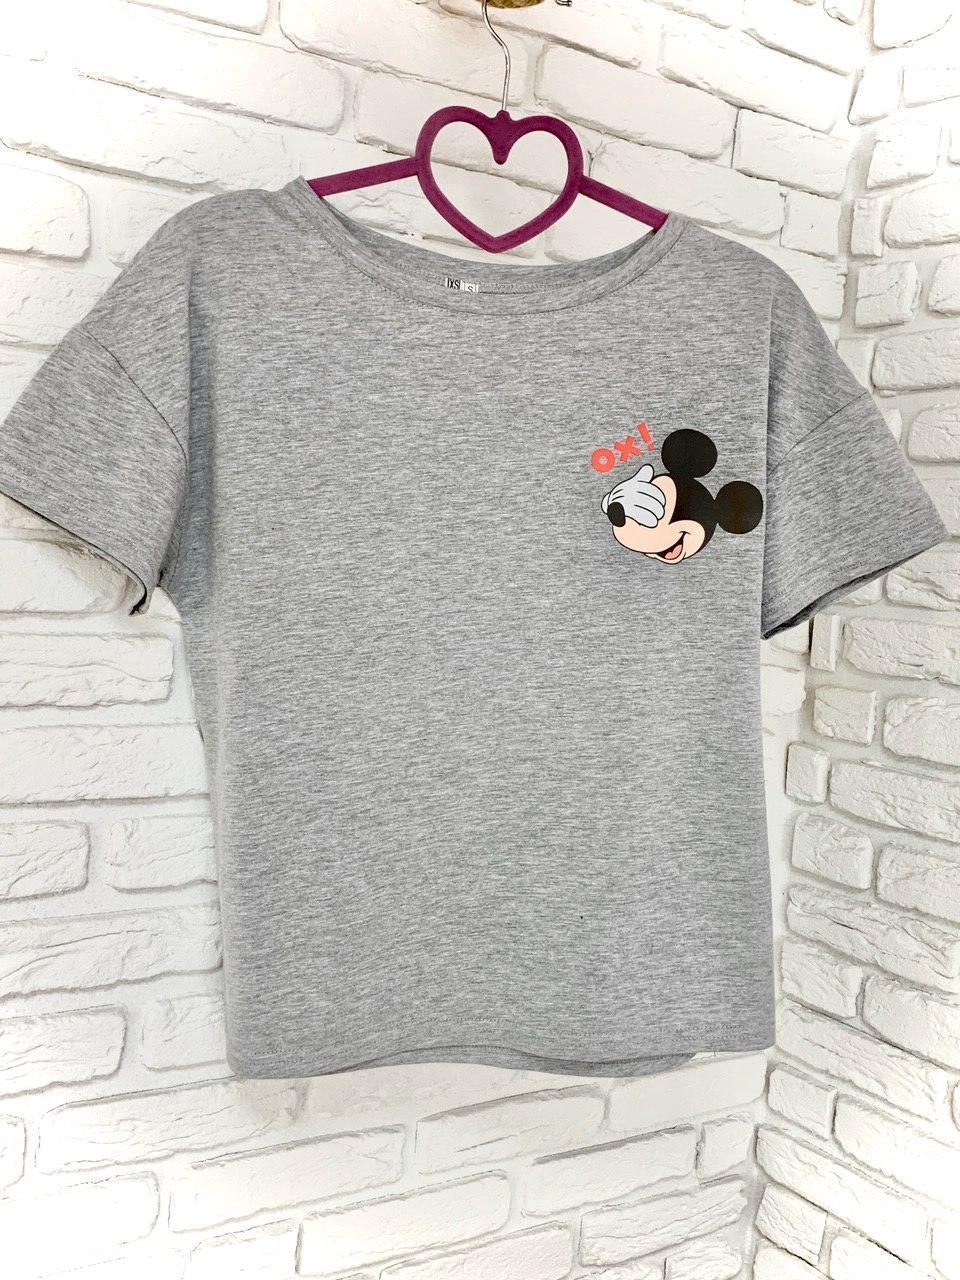 Женская футболка хлопок серая с принтом Mickey Mouse микки маус Ox SKL59-259663